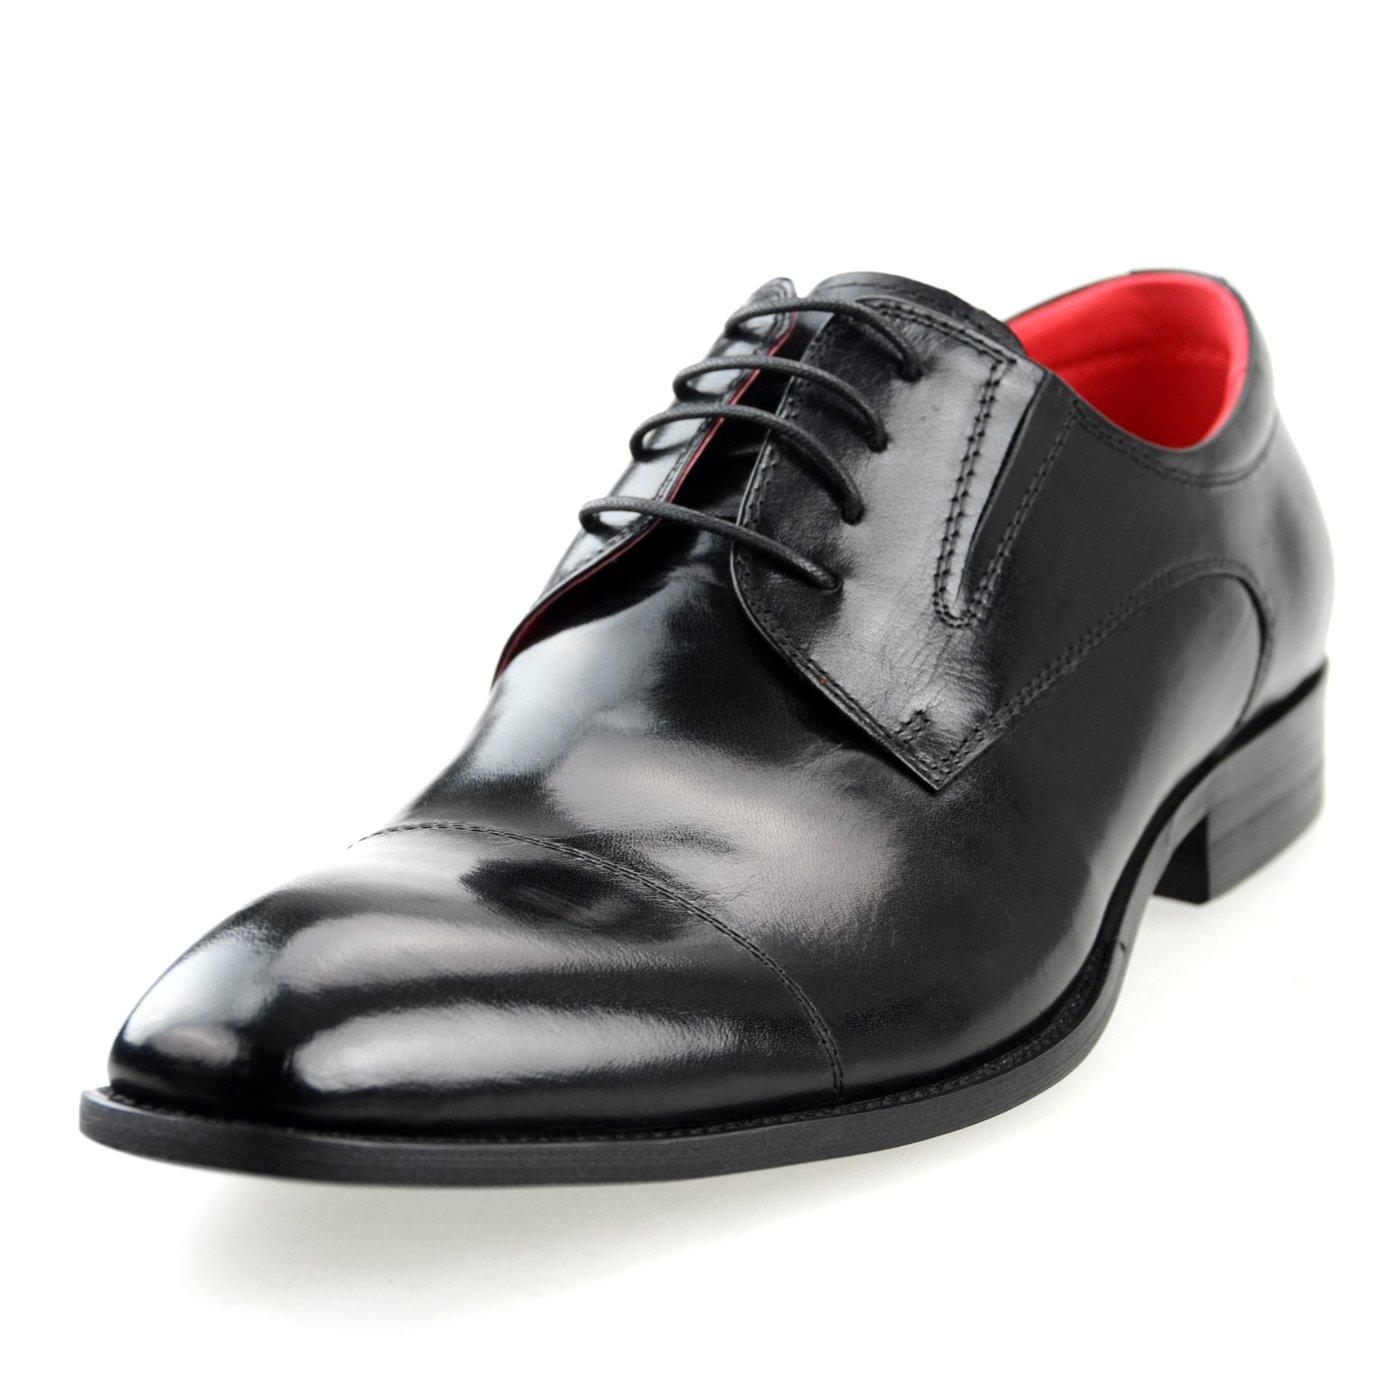 [ルシウス] LUCIUS メンズ ビジネスシューズ 本革 メンズ ビジネスシューズ 皮靴 メンズロングノーズ レースアップ ドレスシューズ 外羽根 ストレートチップ サイドゴア 短靴 ローカット 【LLT700WZ-1 ブラック ブラウン ネイビー ワイン】 B01KWX2DC2 25.0 cm 3E|ブラック ブラック 25.0 cm 3E